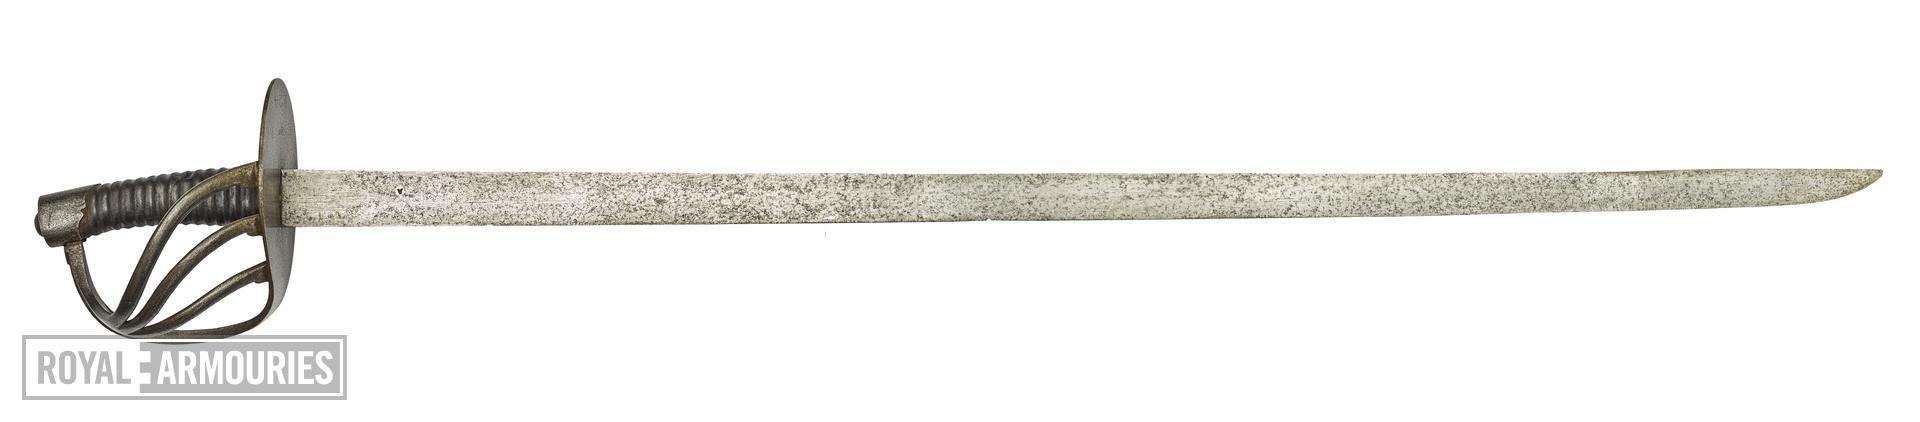 Sword - Belgian Number 3 Heavy Cavalry Sword